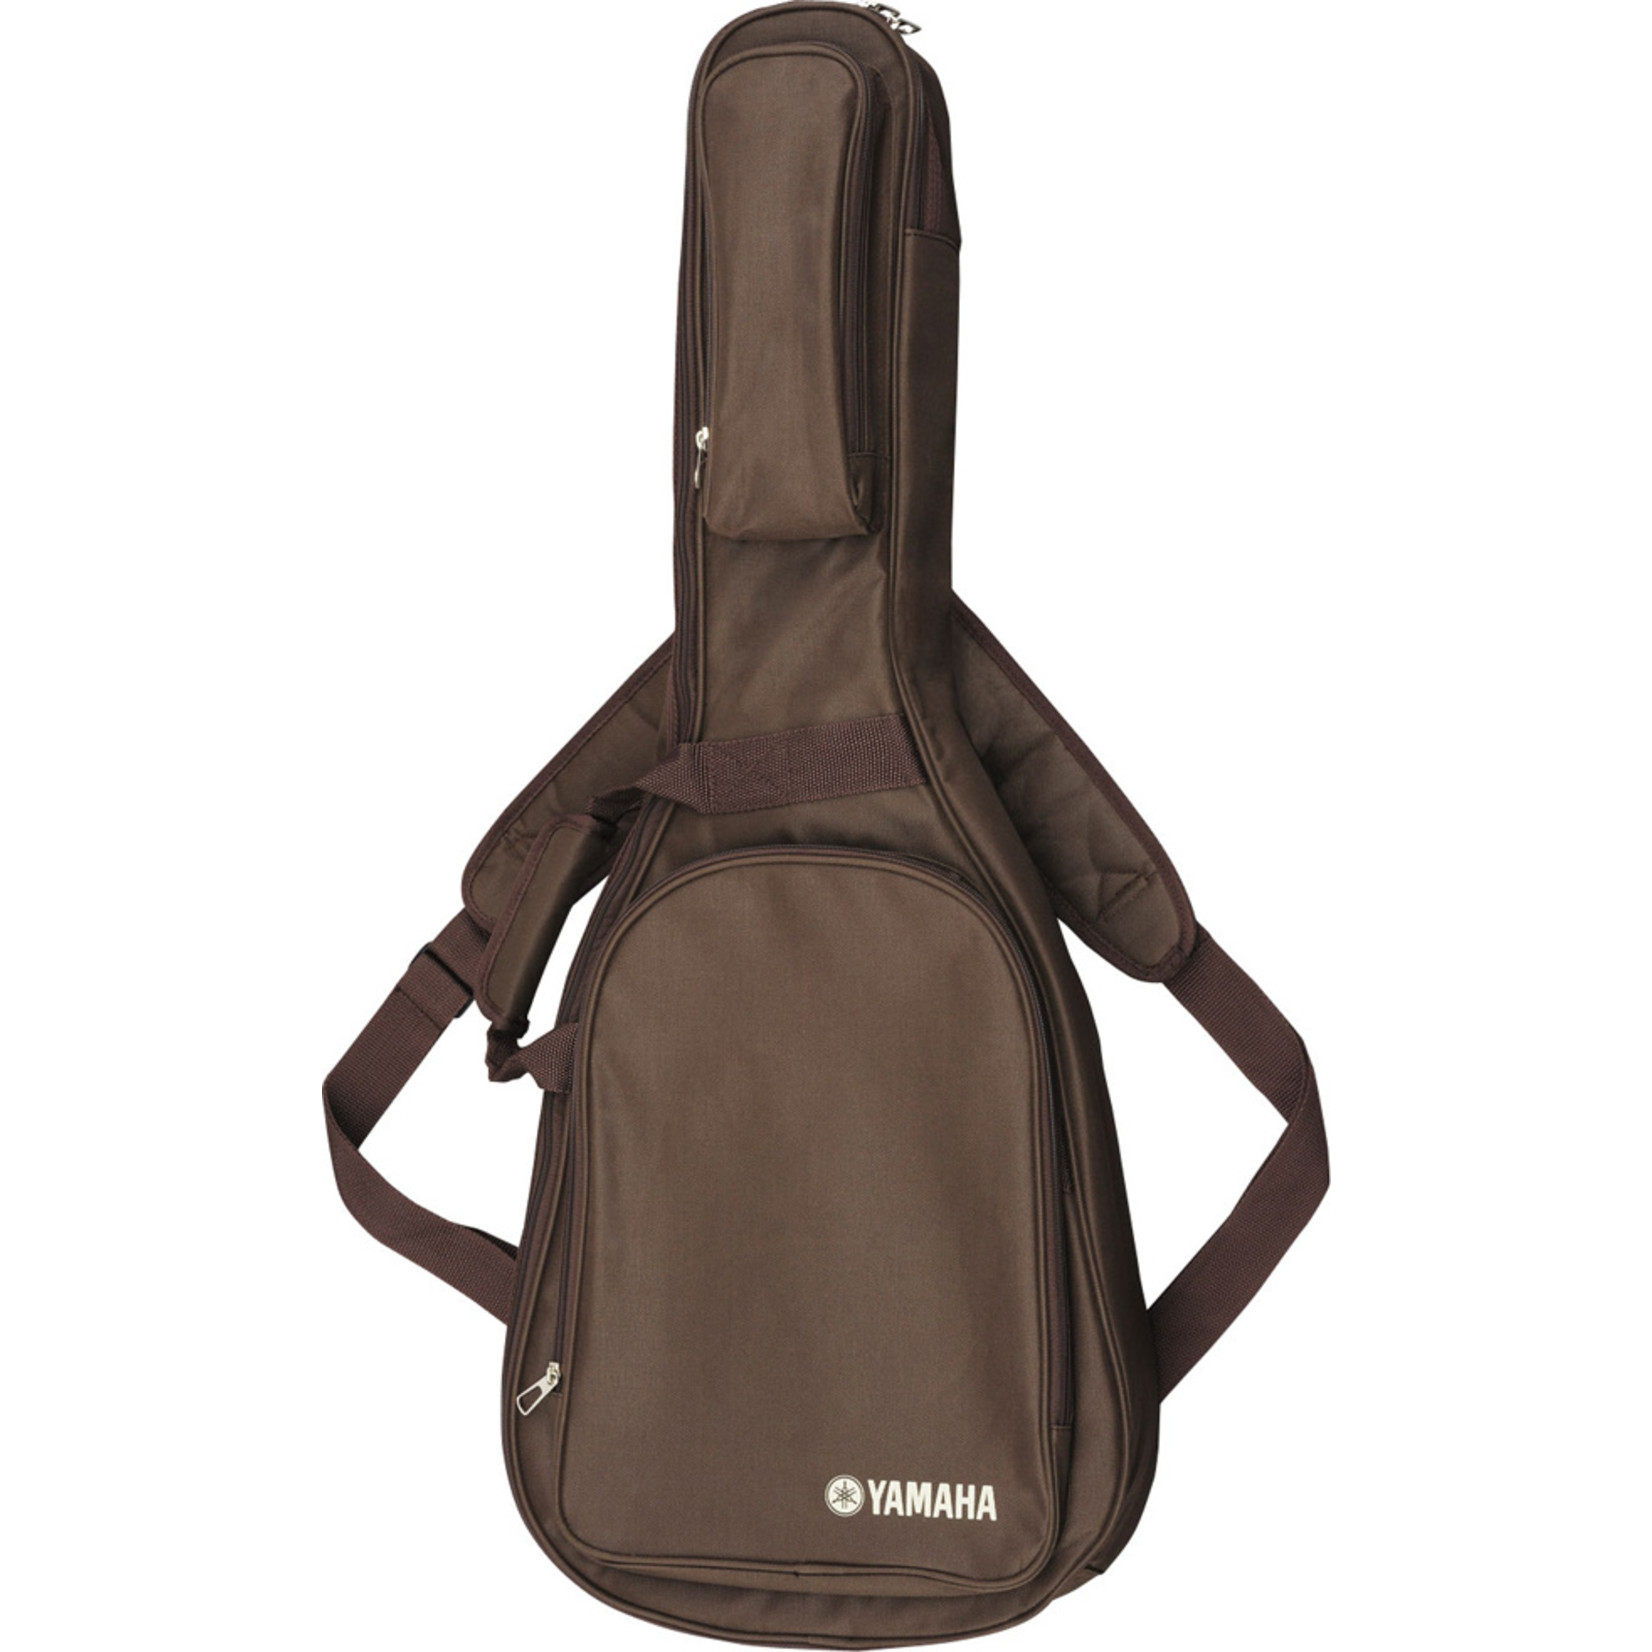 Yamaha Yamaha JR-2 3/4 Acoustic Guitar with gig bag